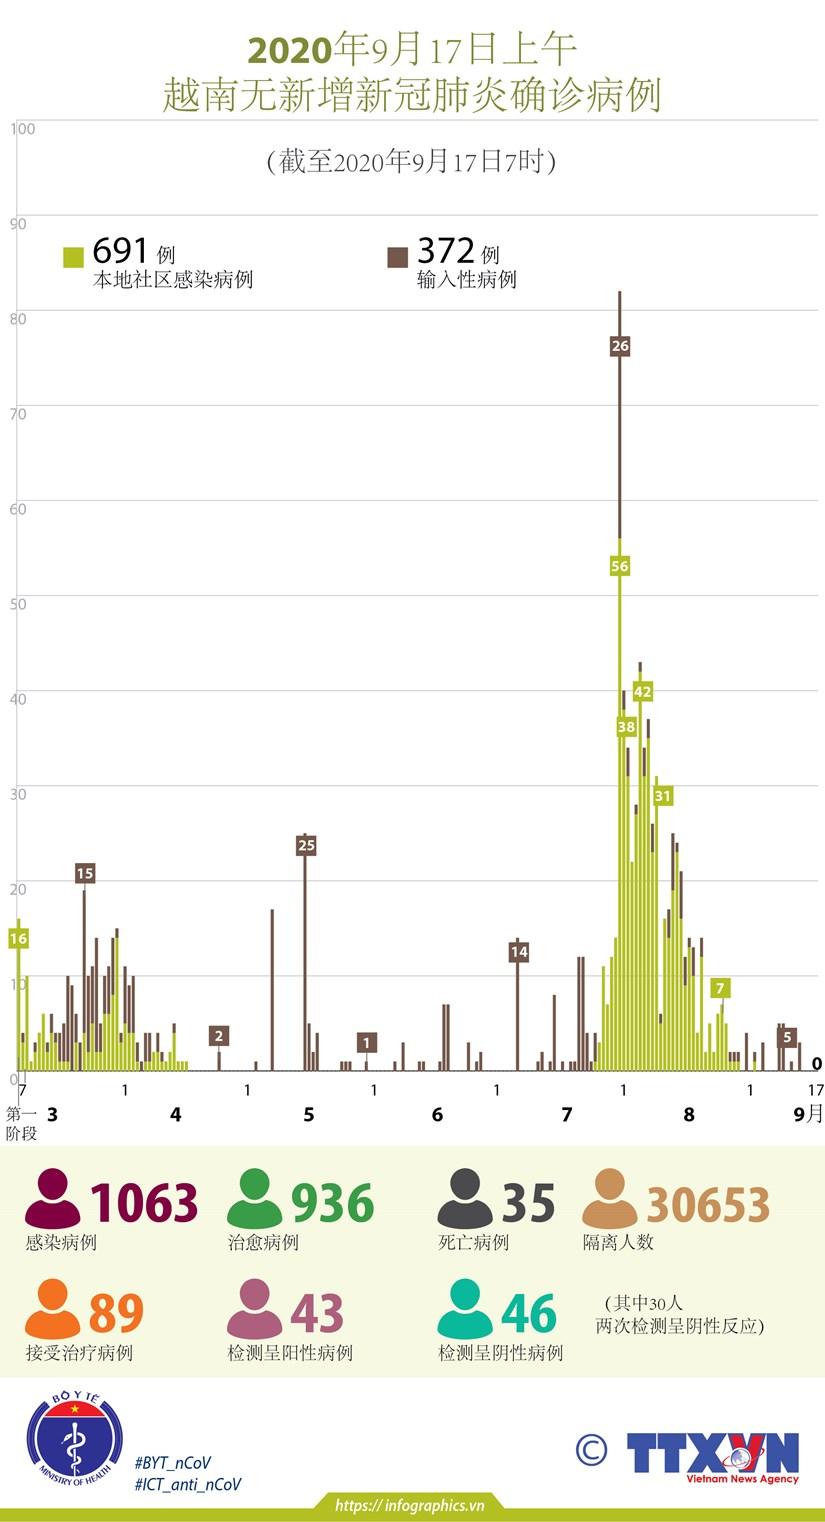 图表新闻:越南连续15天无新增本地新冠肺炎确诊病例 hinh anh 1